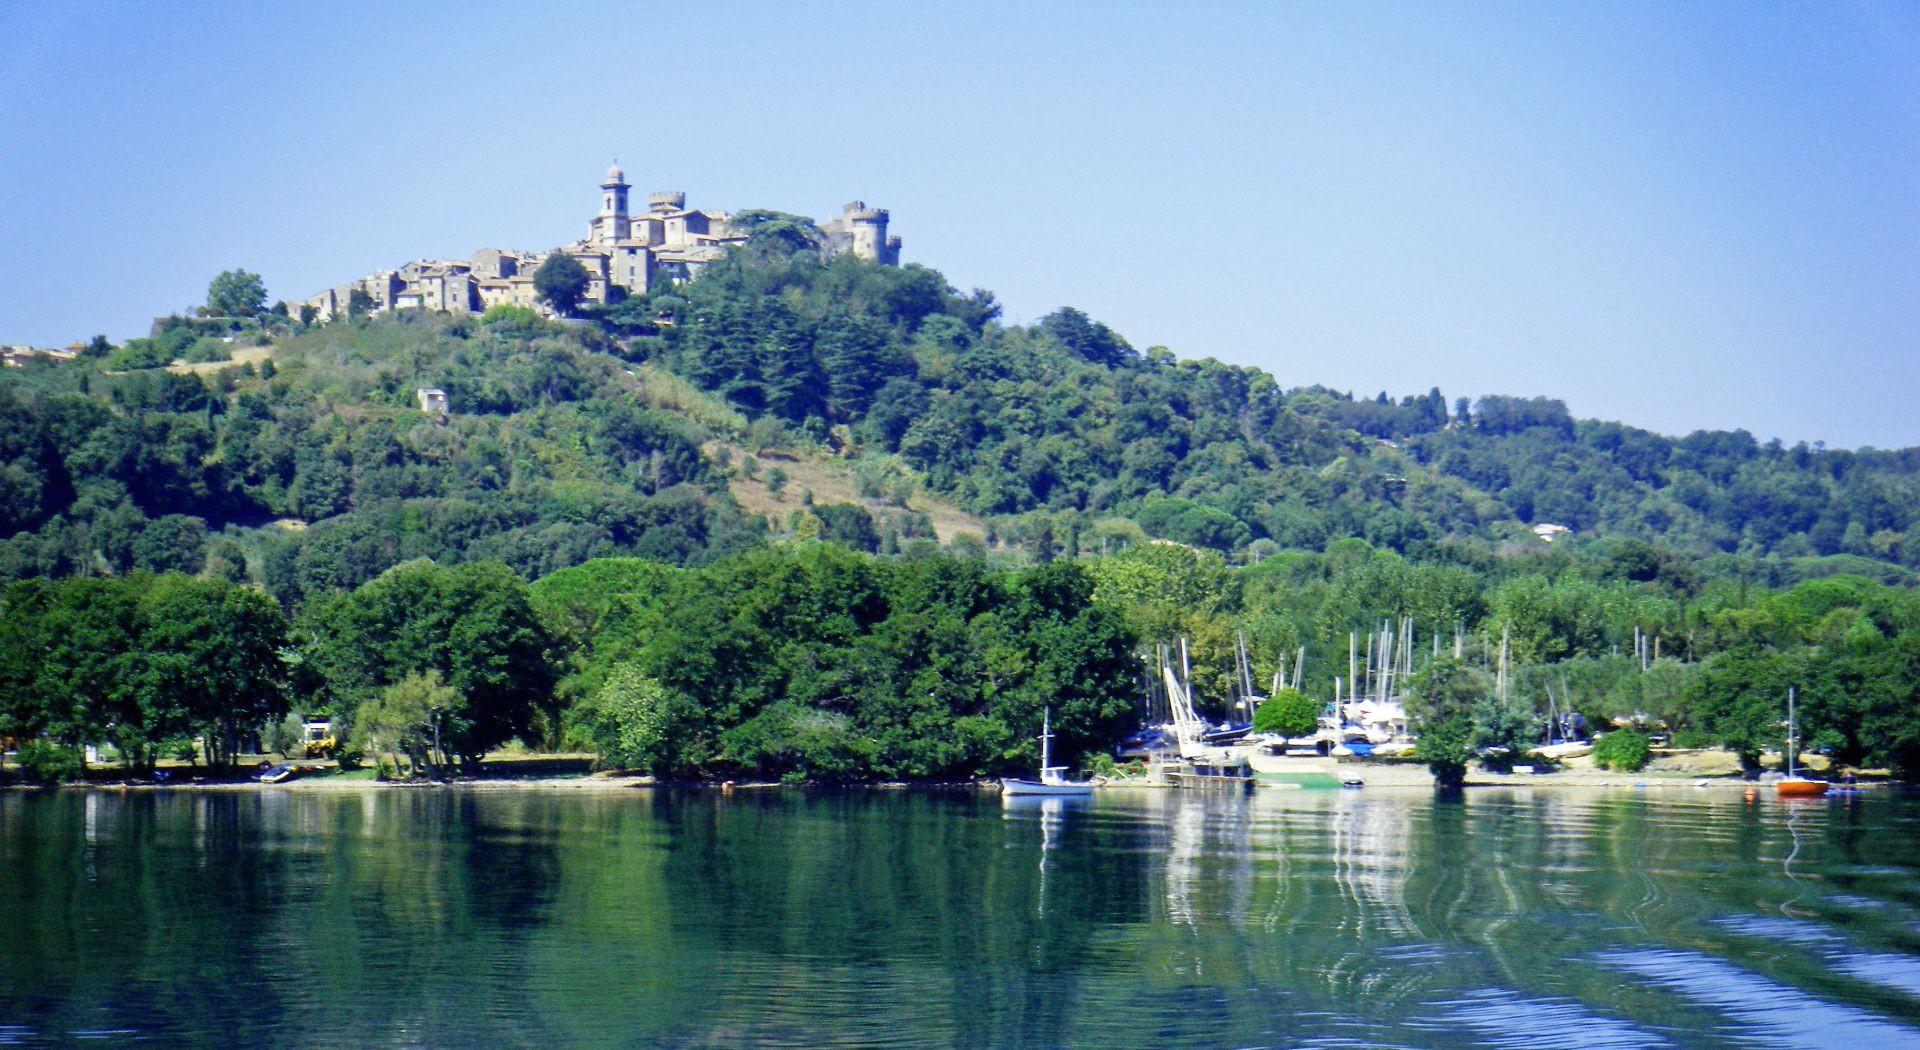 Volo di gruppo in elicottero sul Lago di Bracciano